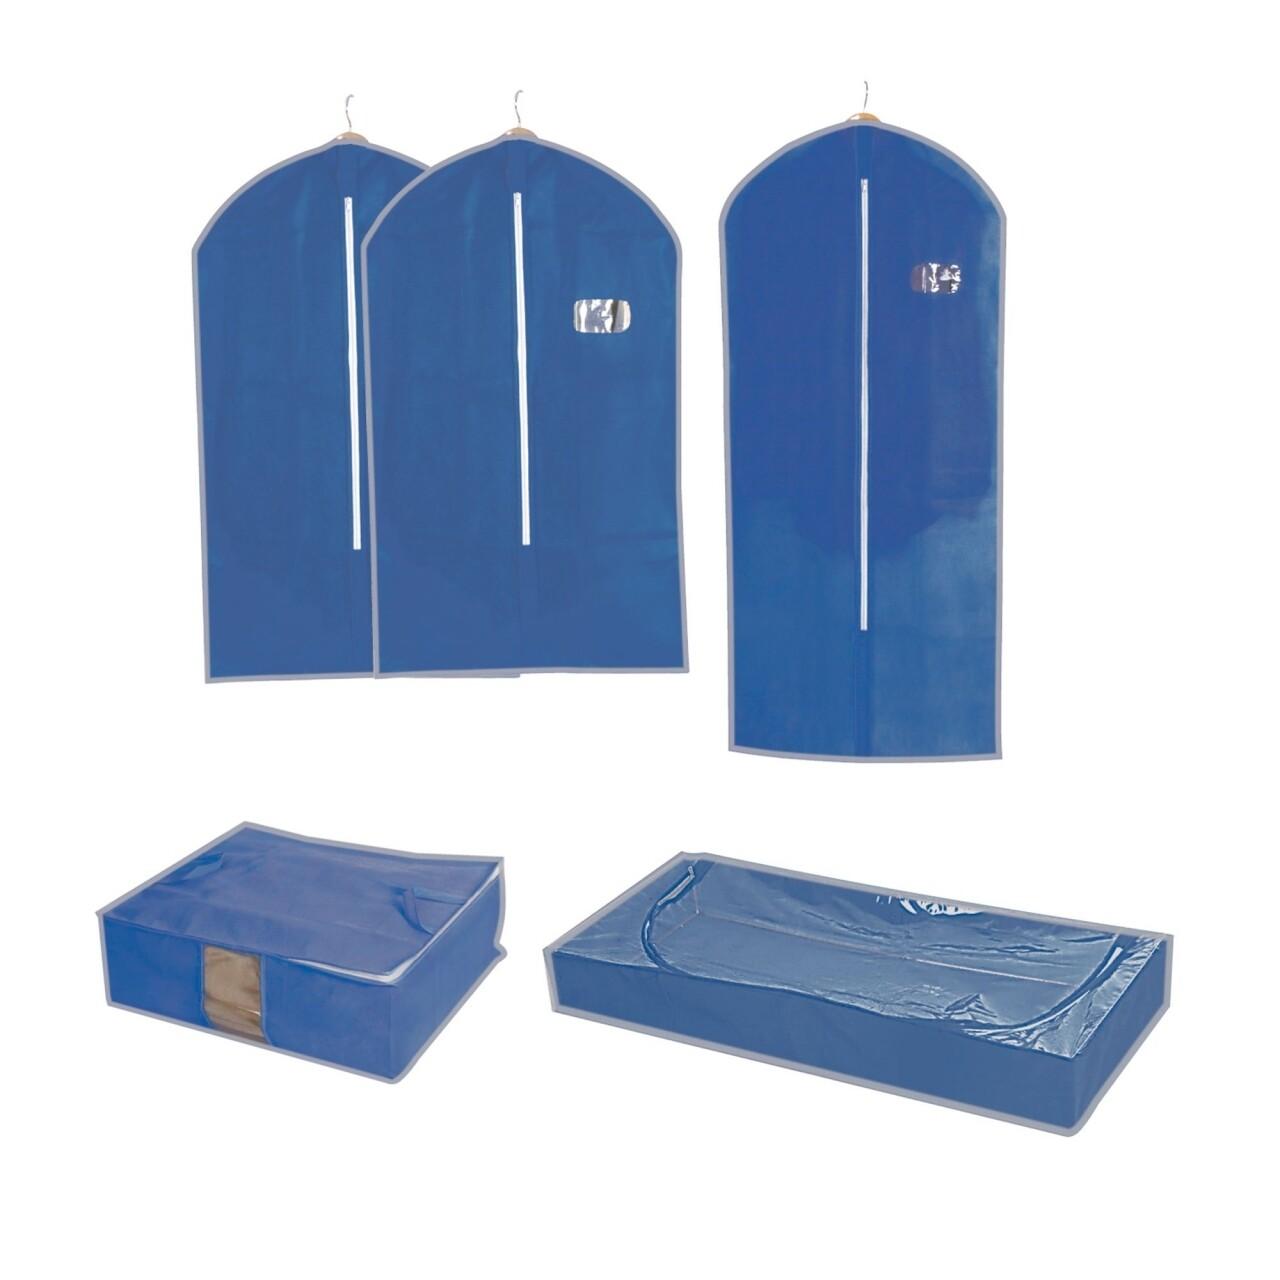 Set 5 accesorii pentru depozitare Blue, Jocca, polipropilena, albastru